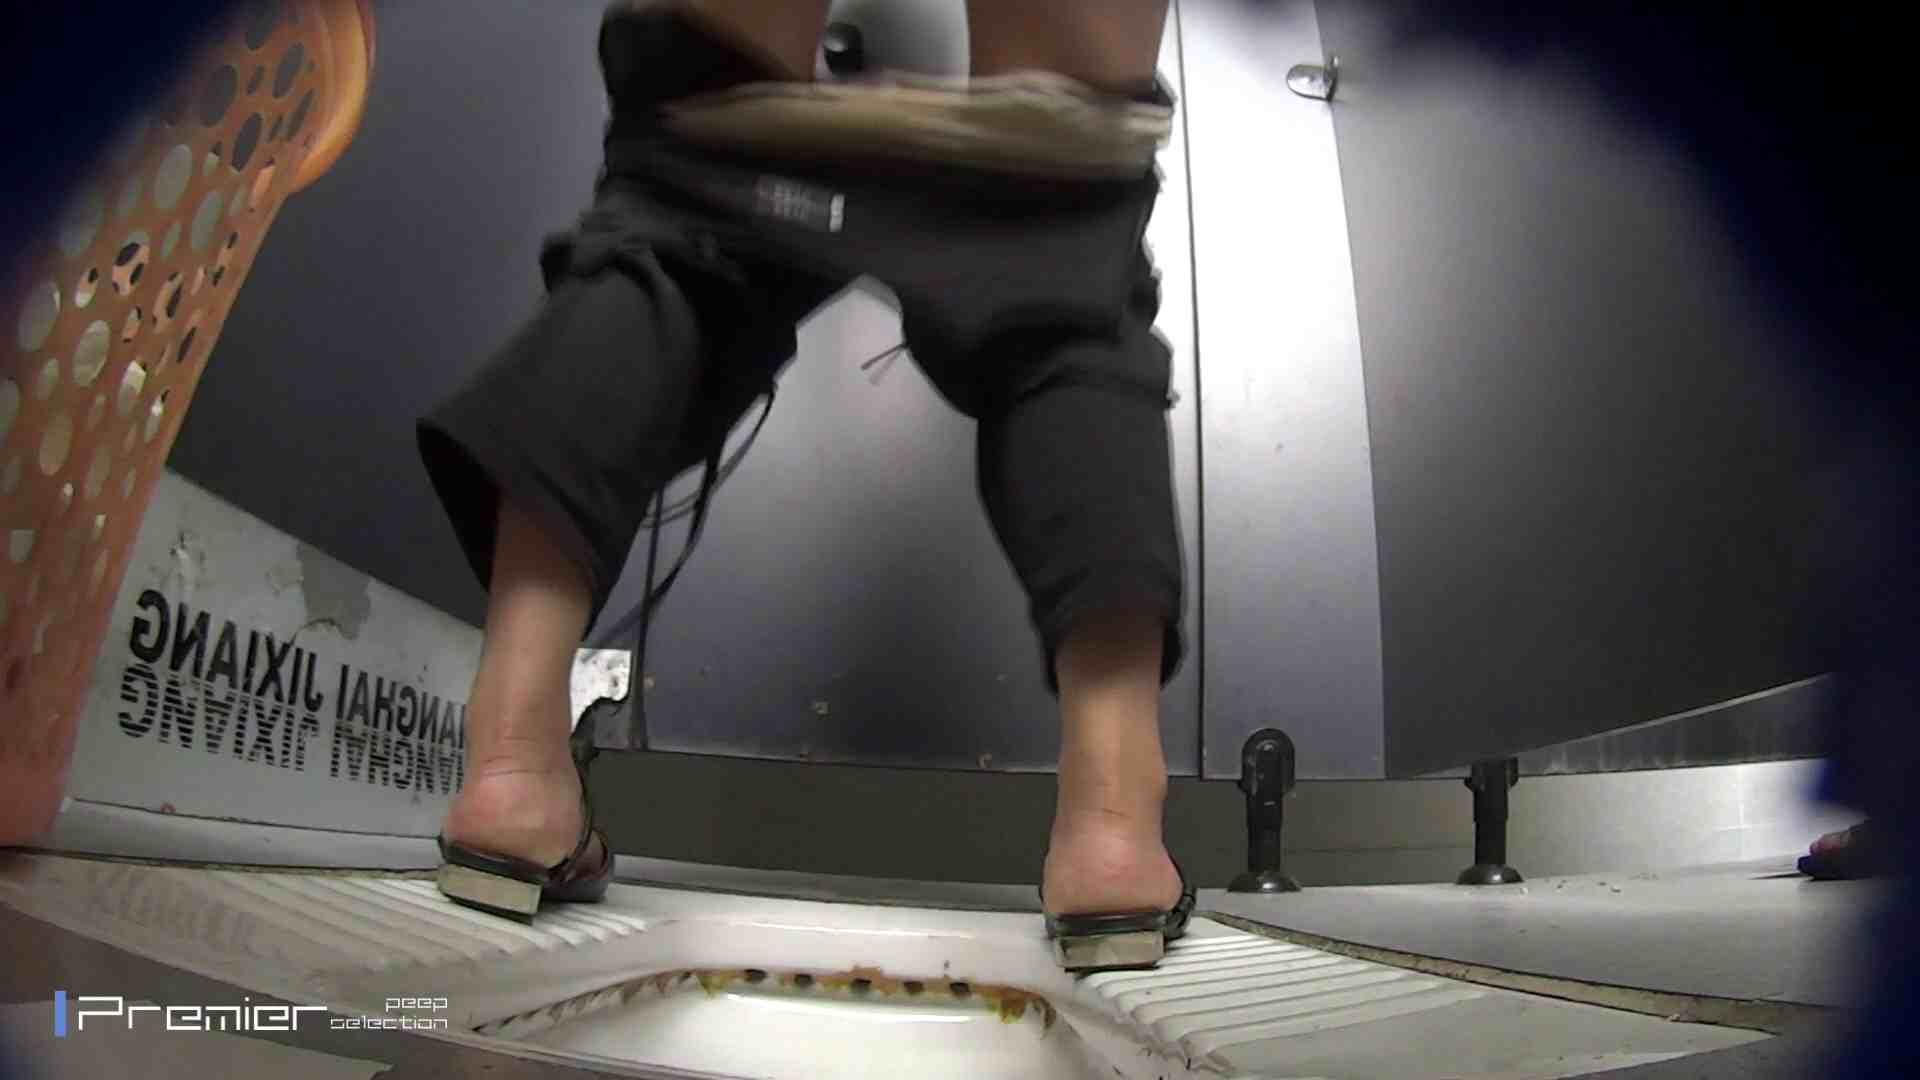 若さ溢れるギャル達のnyo  大学休憩時間の洗面所事情46 ギャル攻め アダルト動画キャプチャ 83画像 57